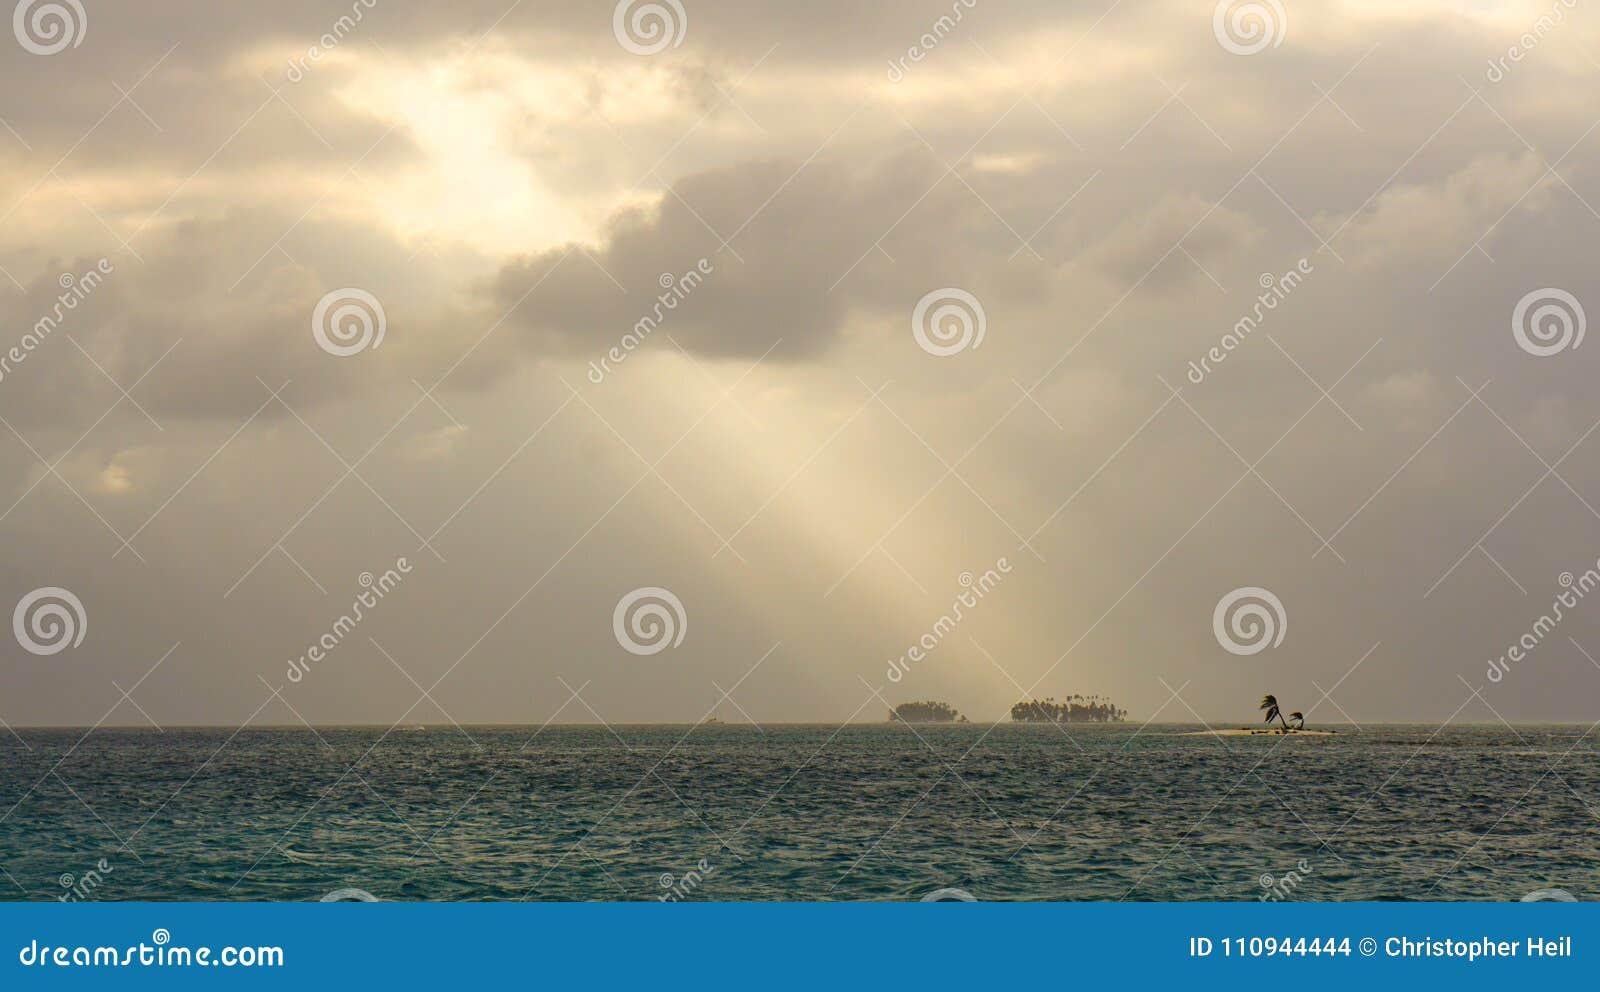 Kleine Insel mit Palme in karibischen San Blas Islands zwischen Panama und Kolumbien